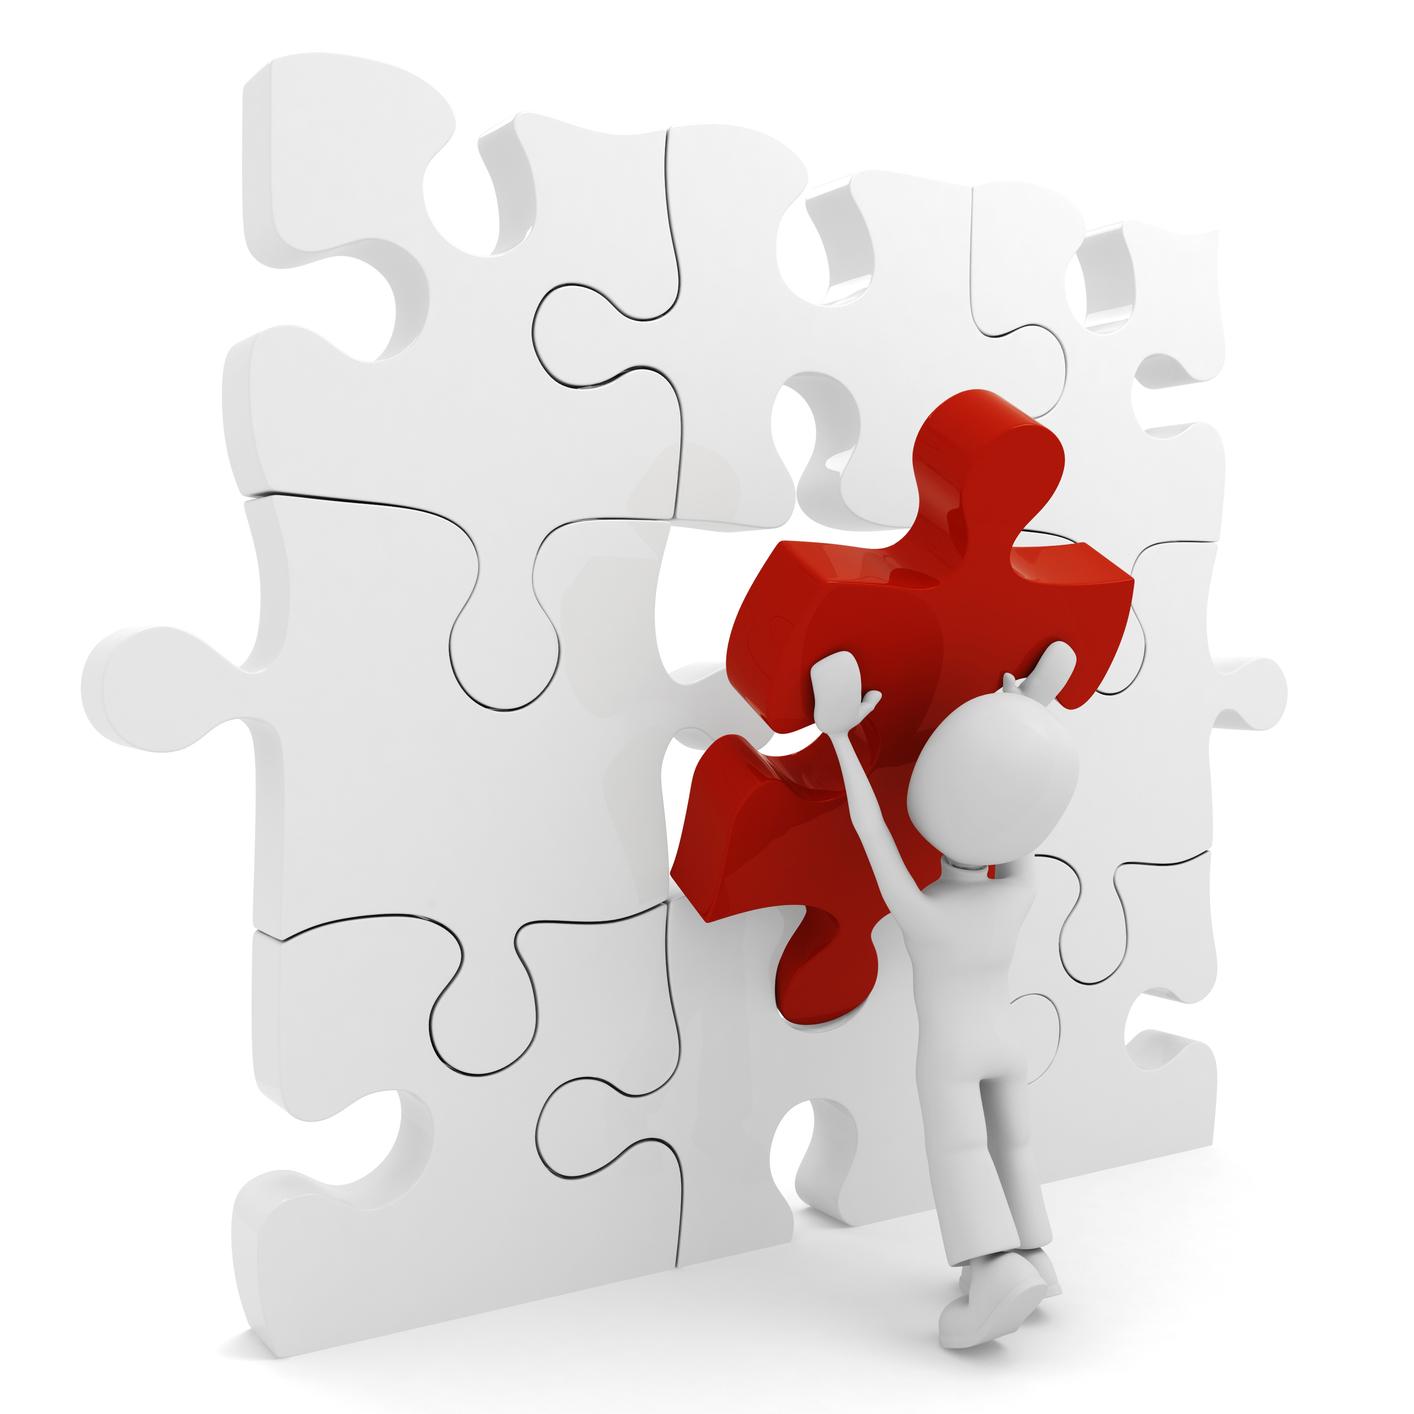 Dersim Bir Tretoryal (Bölgesel) Kimlik Olabilir mi? Kimlik Tartışması Üzerine